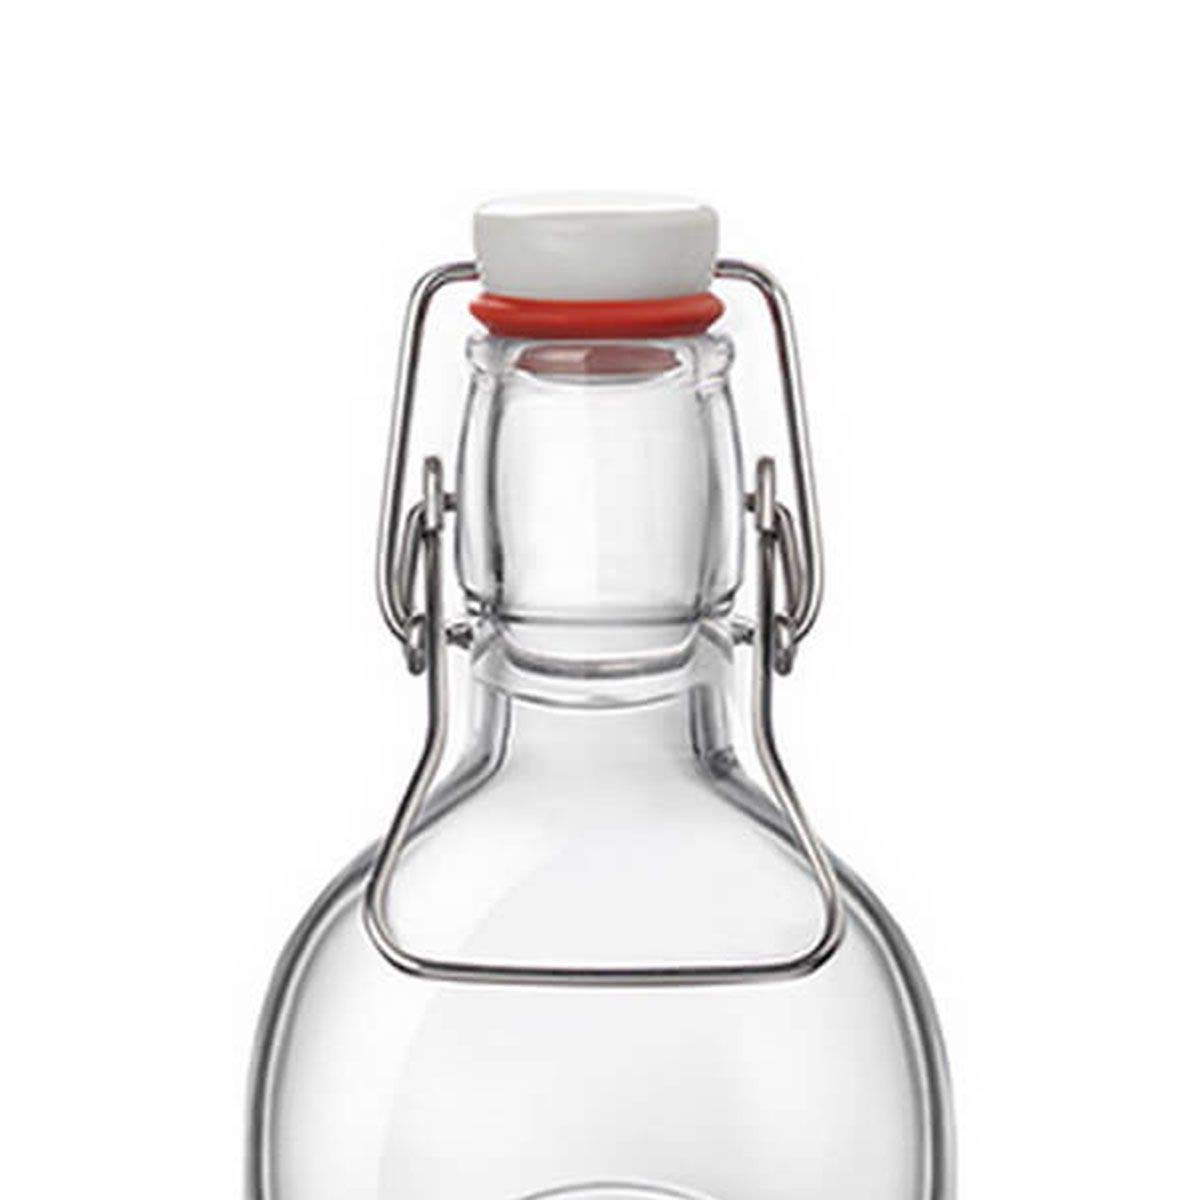 Bormioli Rocco 0035022 Botella 1.2L Transparente Jarra, cántaro y Botella - jarras, cántaros